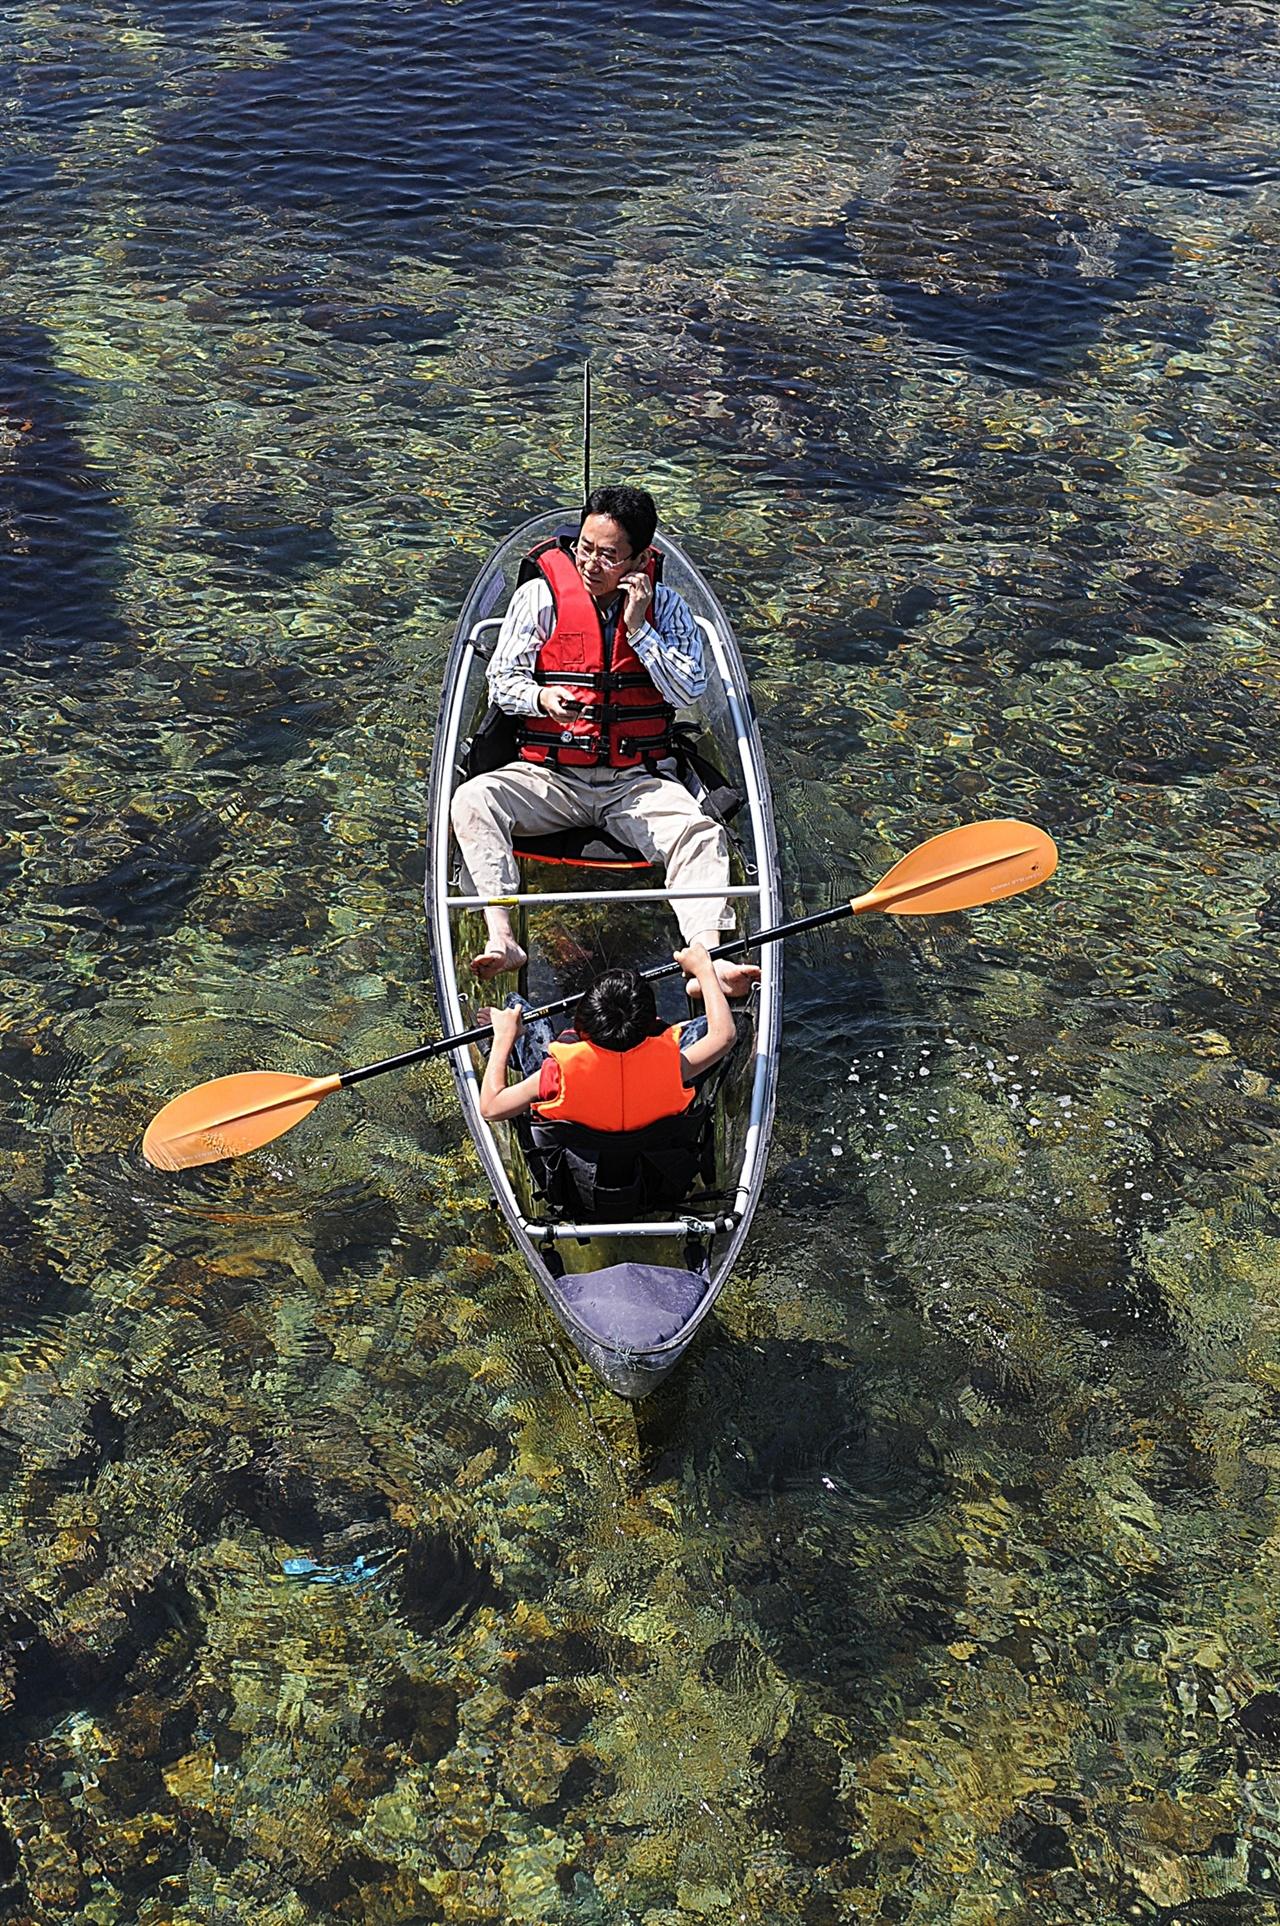 투명카누체험  장호마을의 차별화된 체험. 캐나다에서 카누를 들여와 체험을 실시하기까지 숱한 시행착오를 겪었다고 한다.